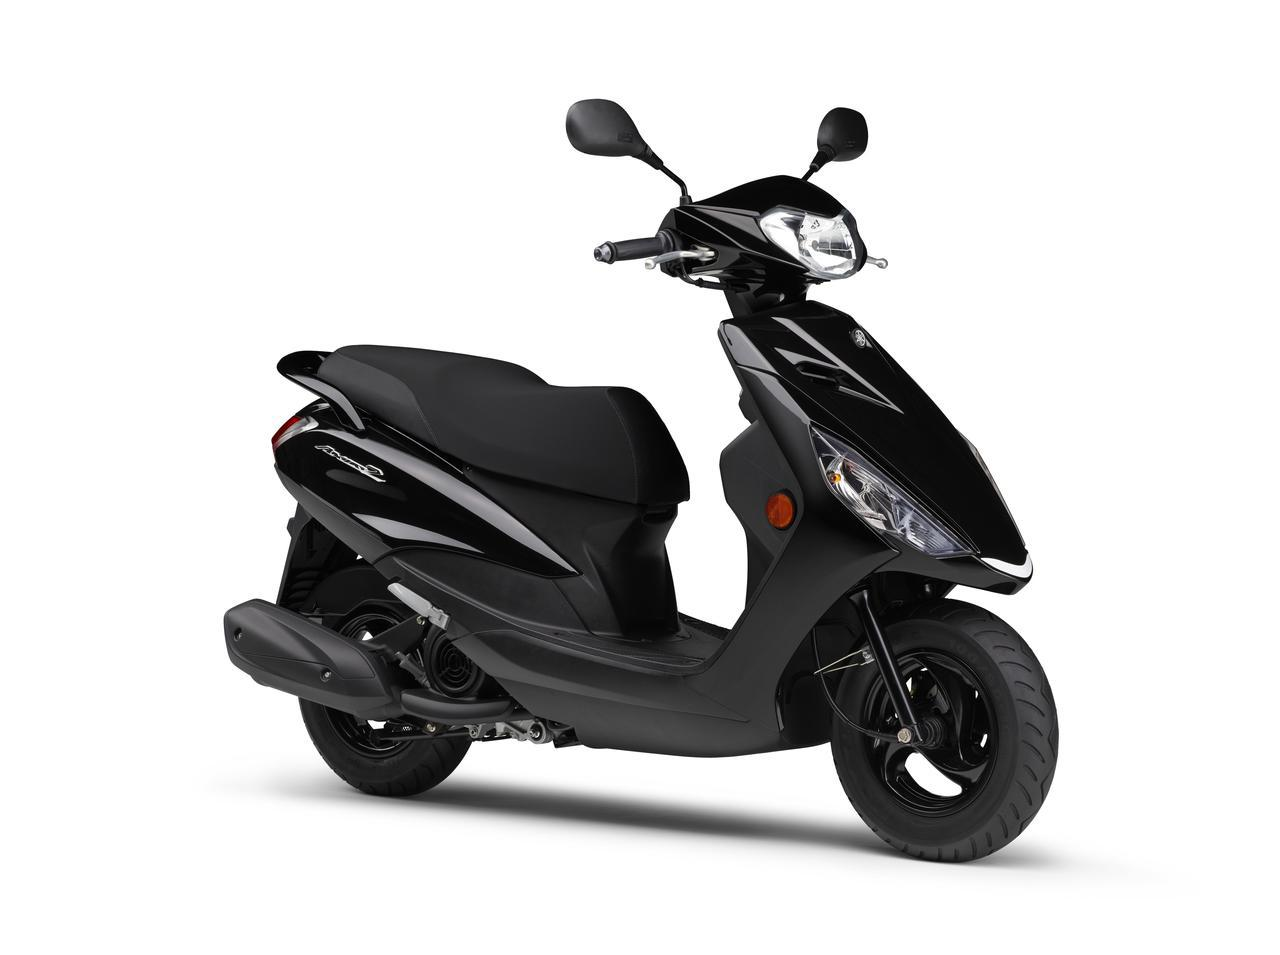 画像7: ヤマハが125ccスクーター「アクシスZ」の2021年モデルを発表! カラーは全5色設定で2月5日に発売